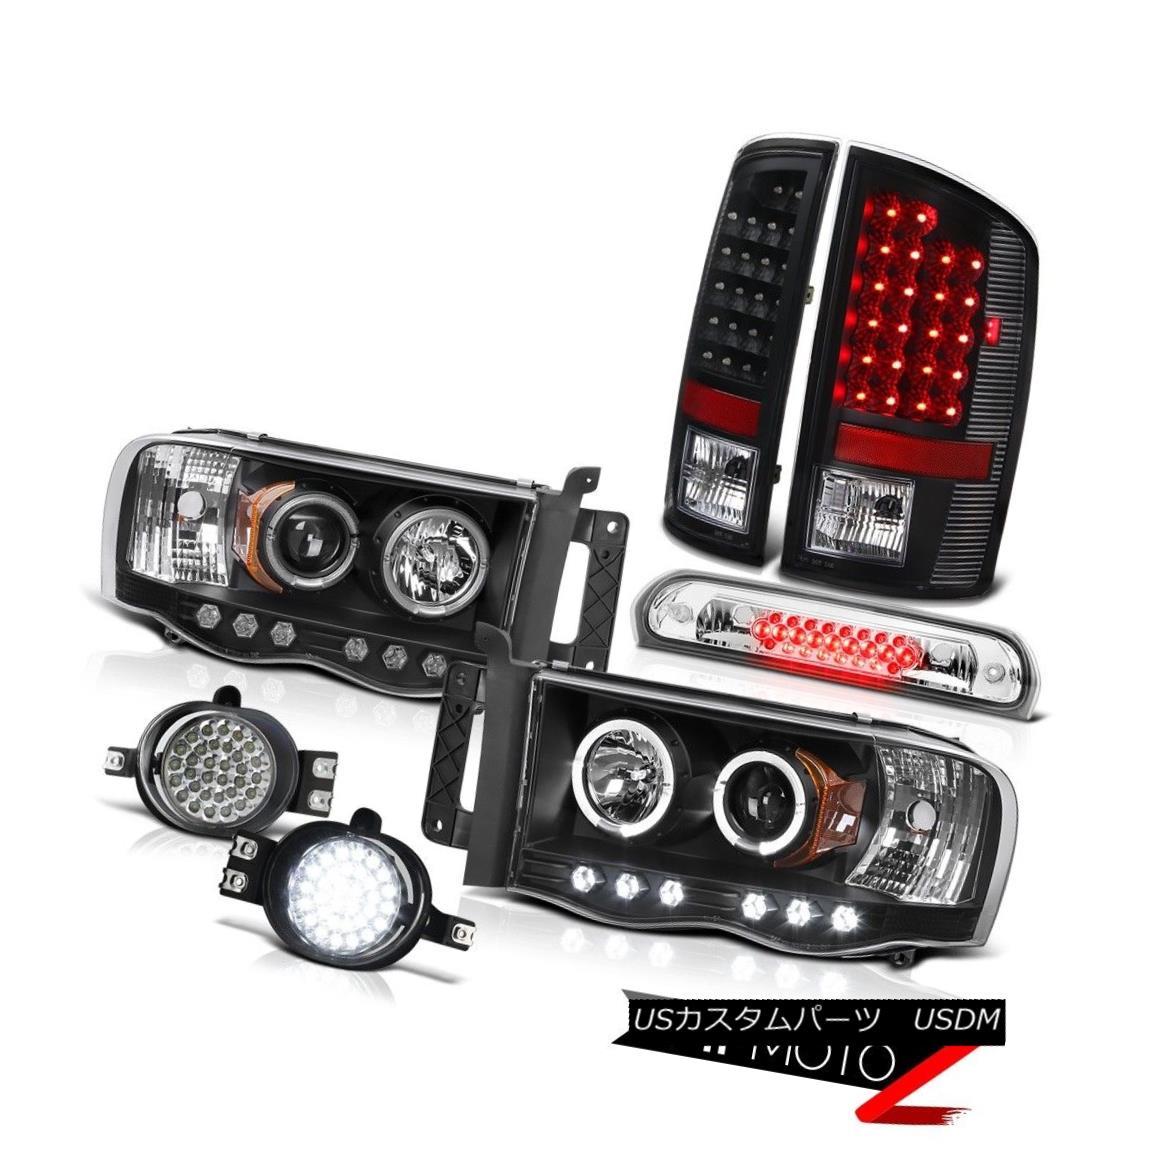 テールライト 02 03 04 05 Ram TurboDiesel Black Headlights Brake LED Taillights Bumper Fog 3rd 02 03 04 05ラムターボディーゼルブラックヘッドライトブレーキLEDテールライトバンパーフォグ3rd